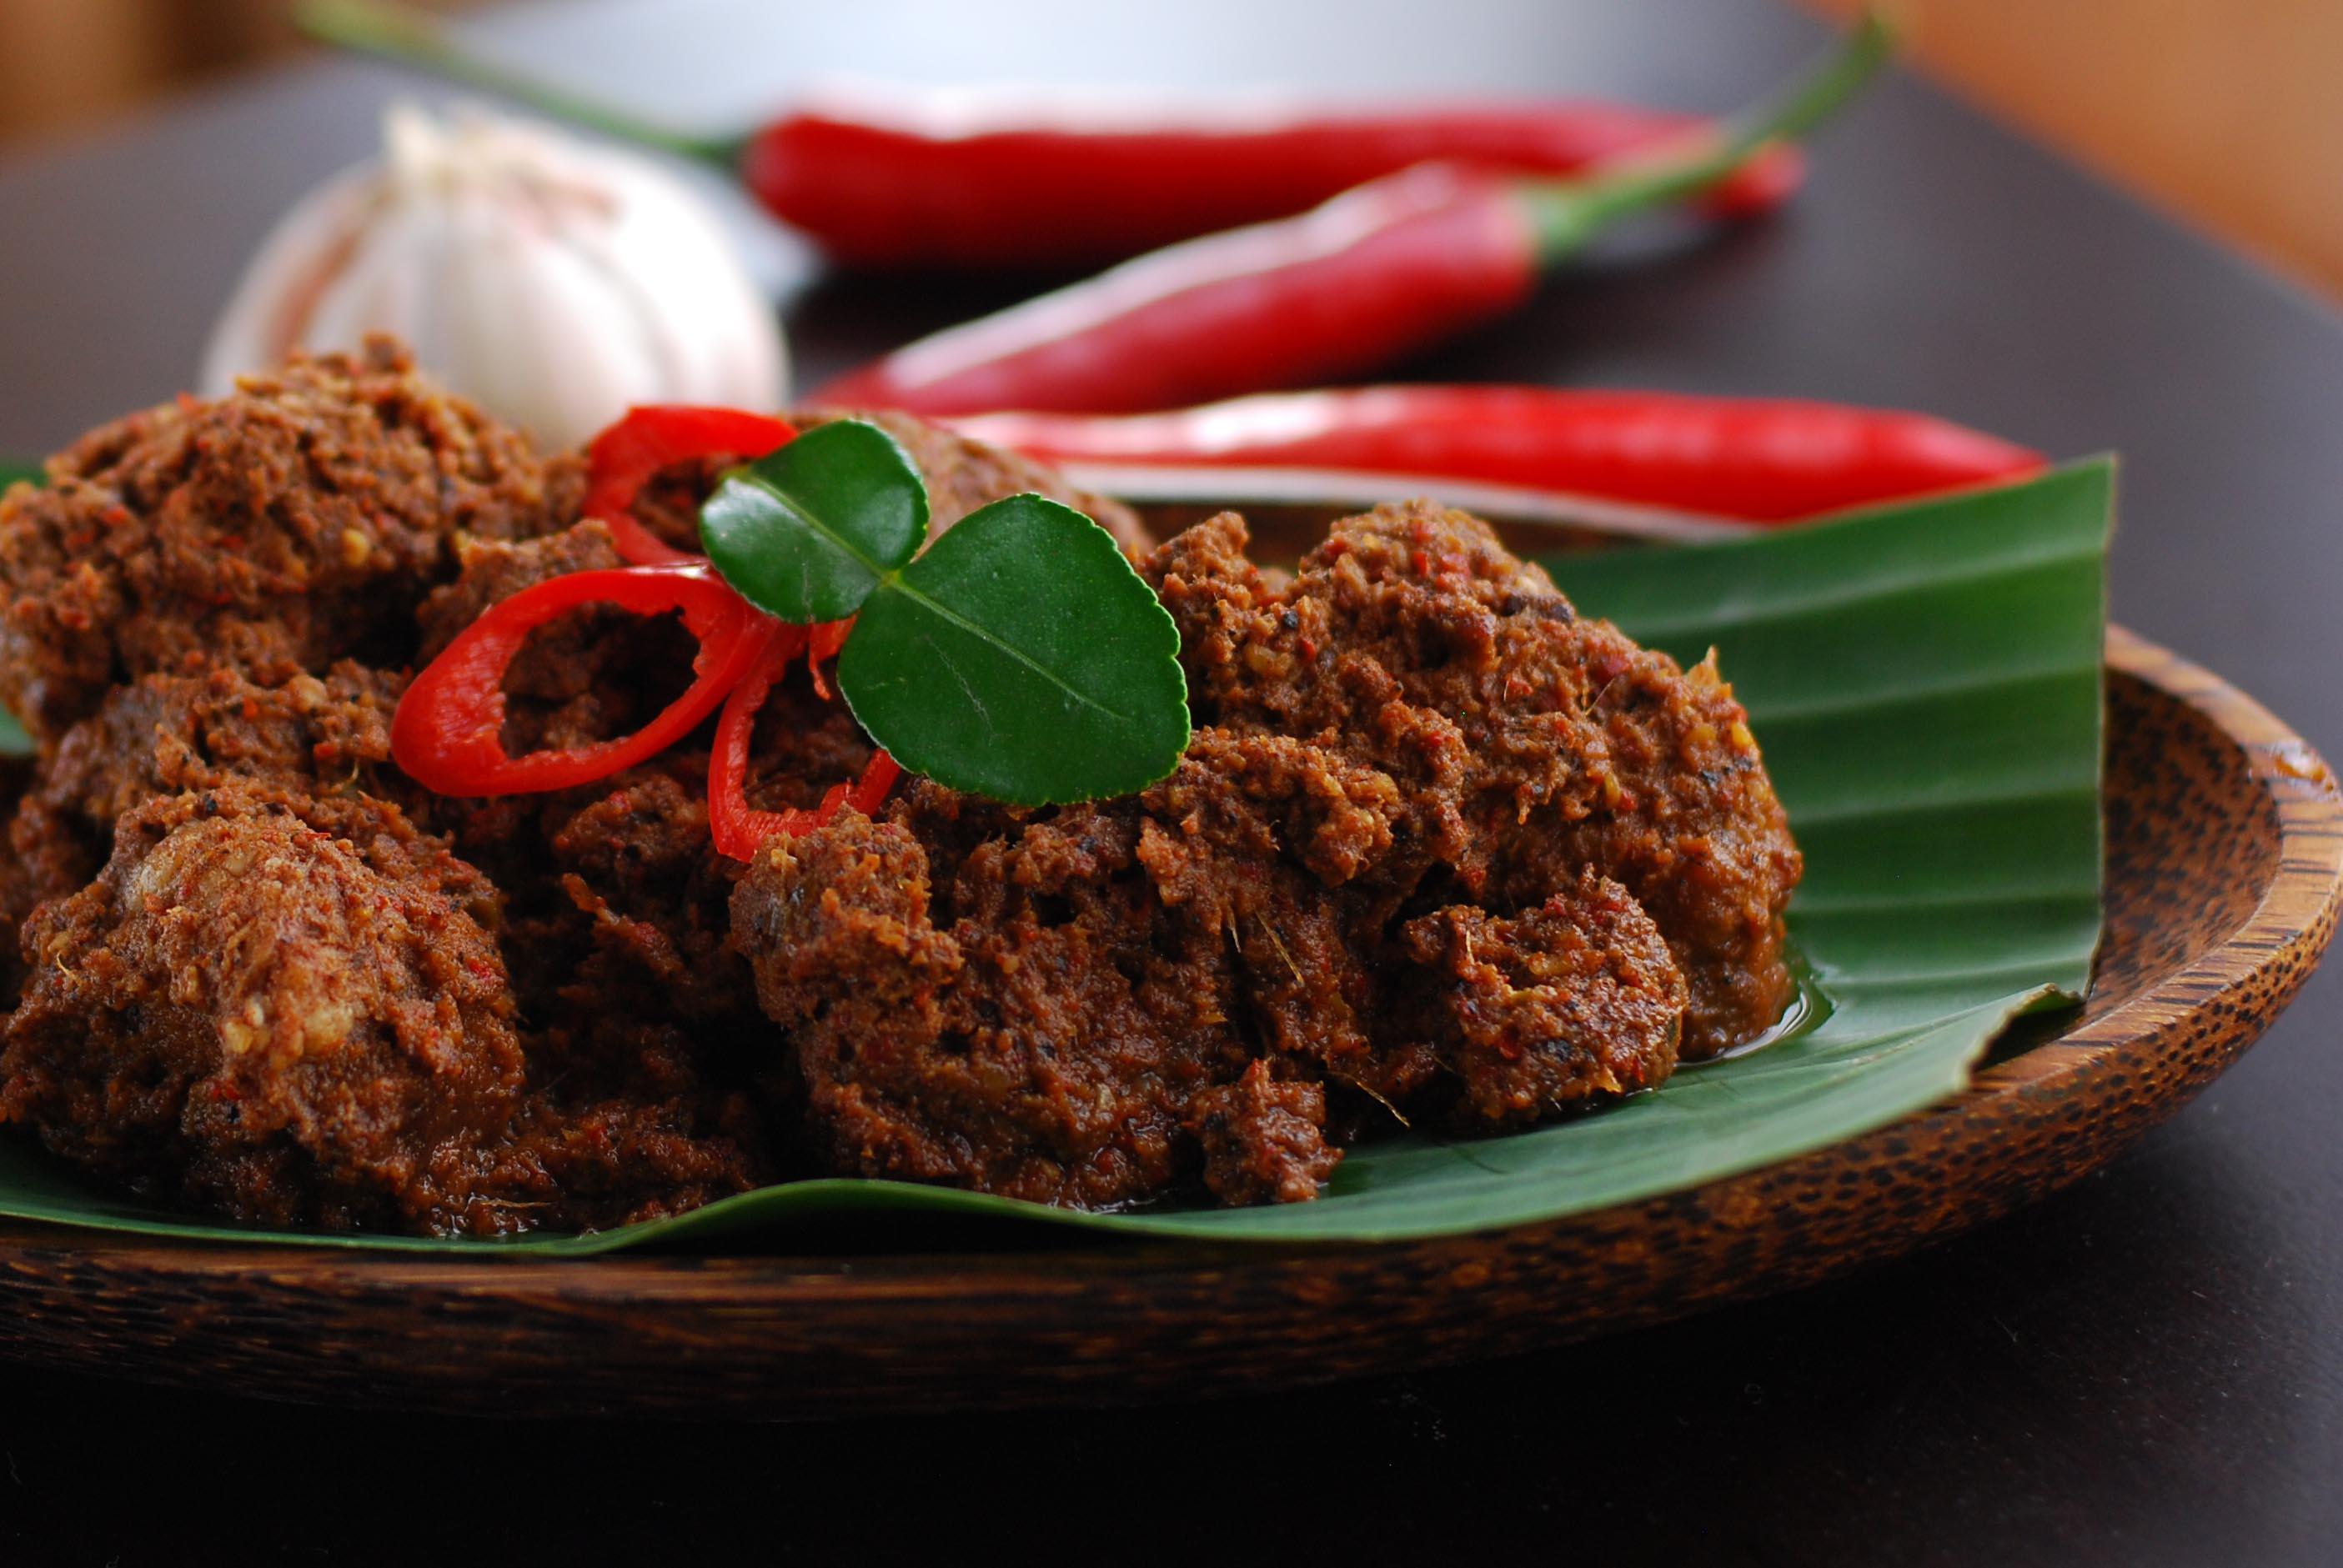 Kenapa kuliner Nusantara disukai hingga luar negeri? Ini rahasianya